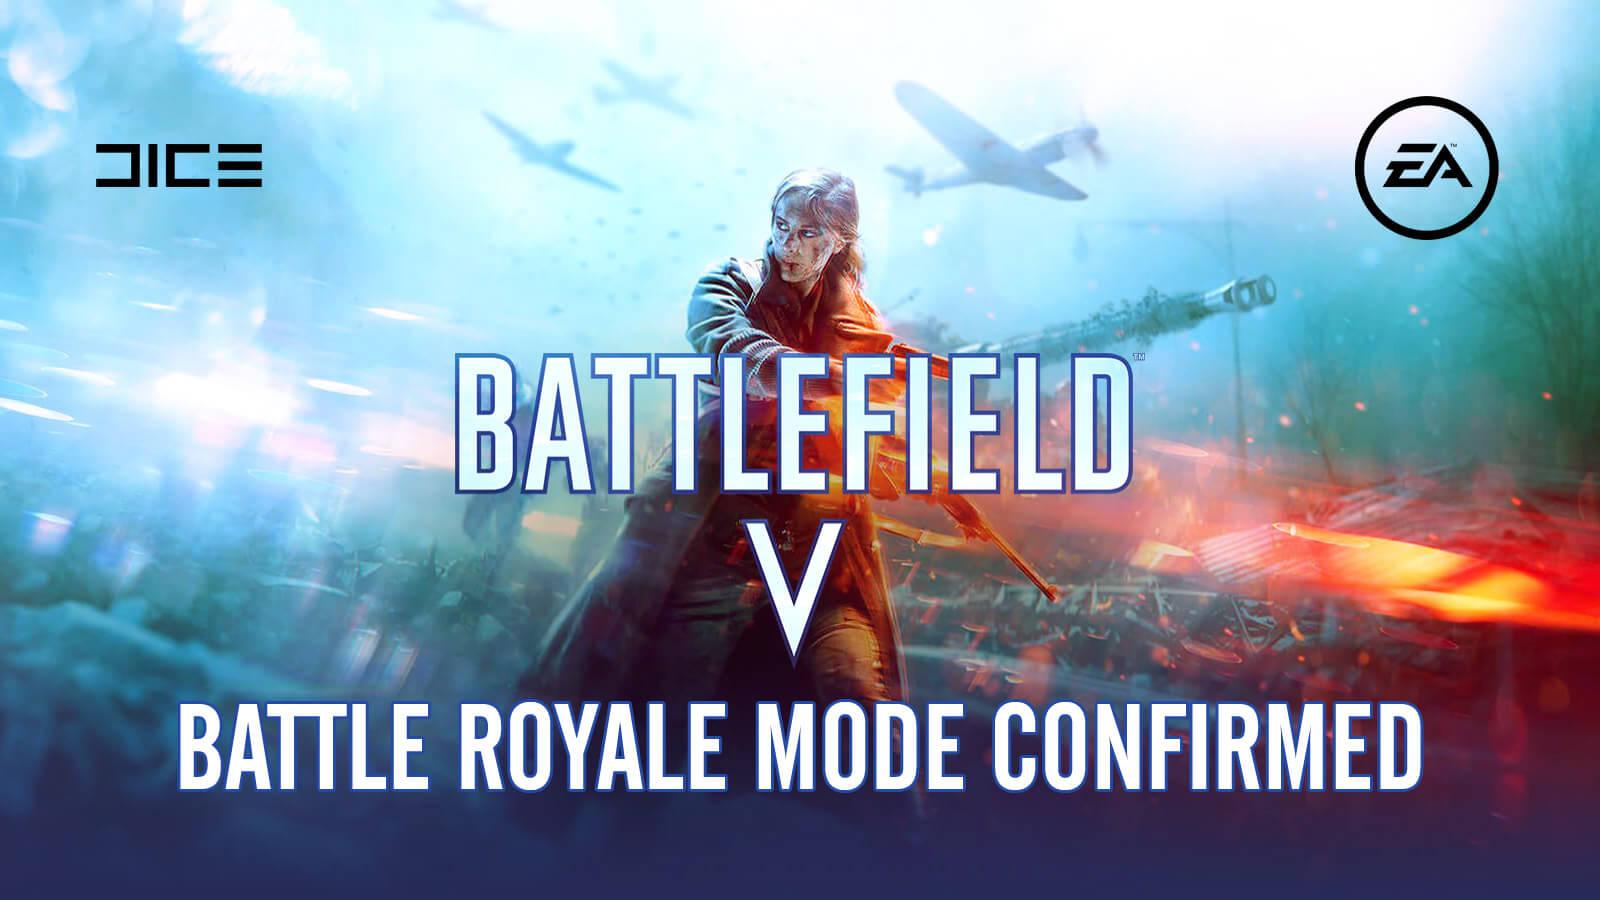 Ea Battle Royal